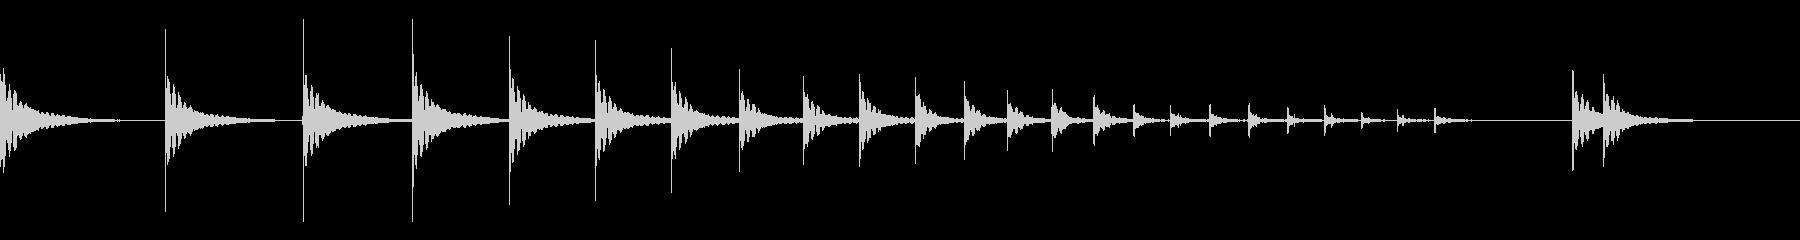 和太鼓ロール 桶胴太鼓2の未再生の波形